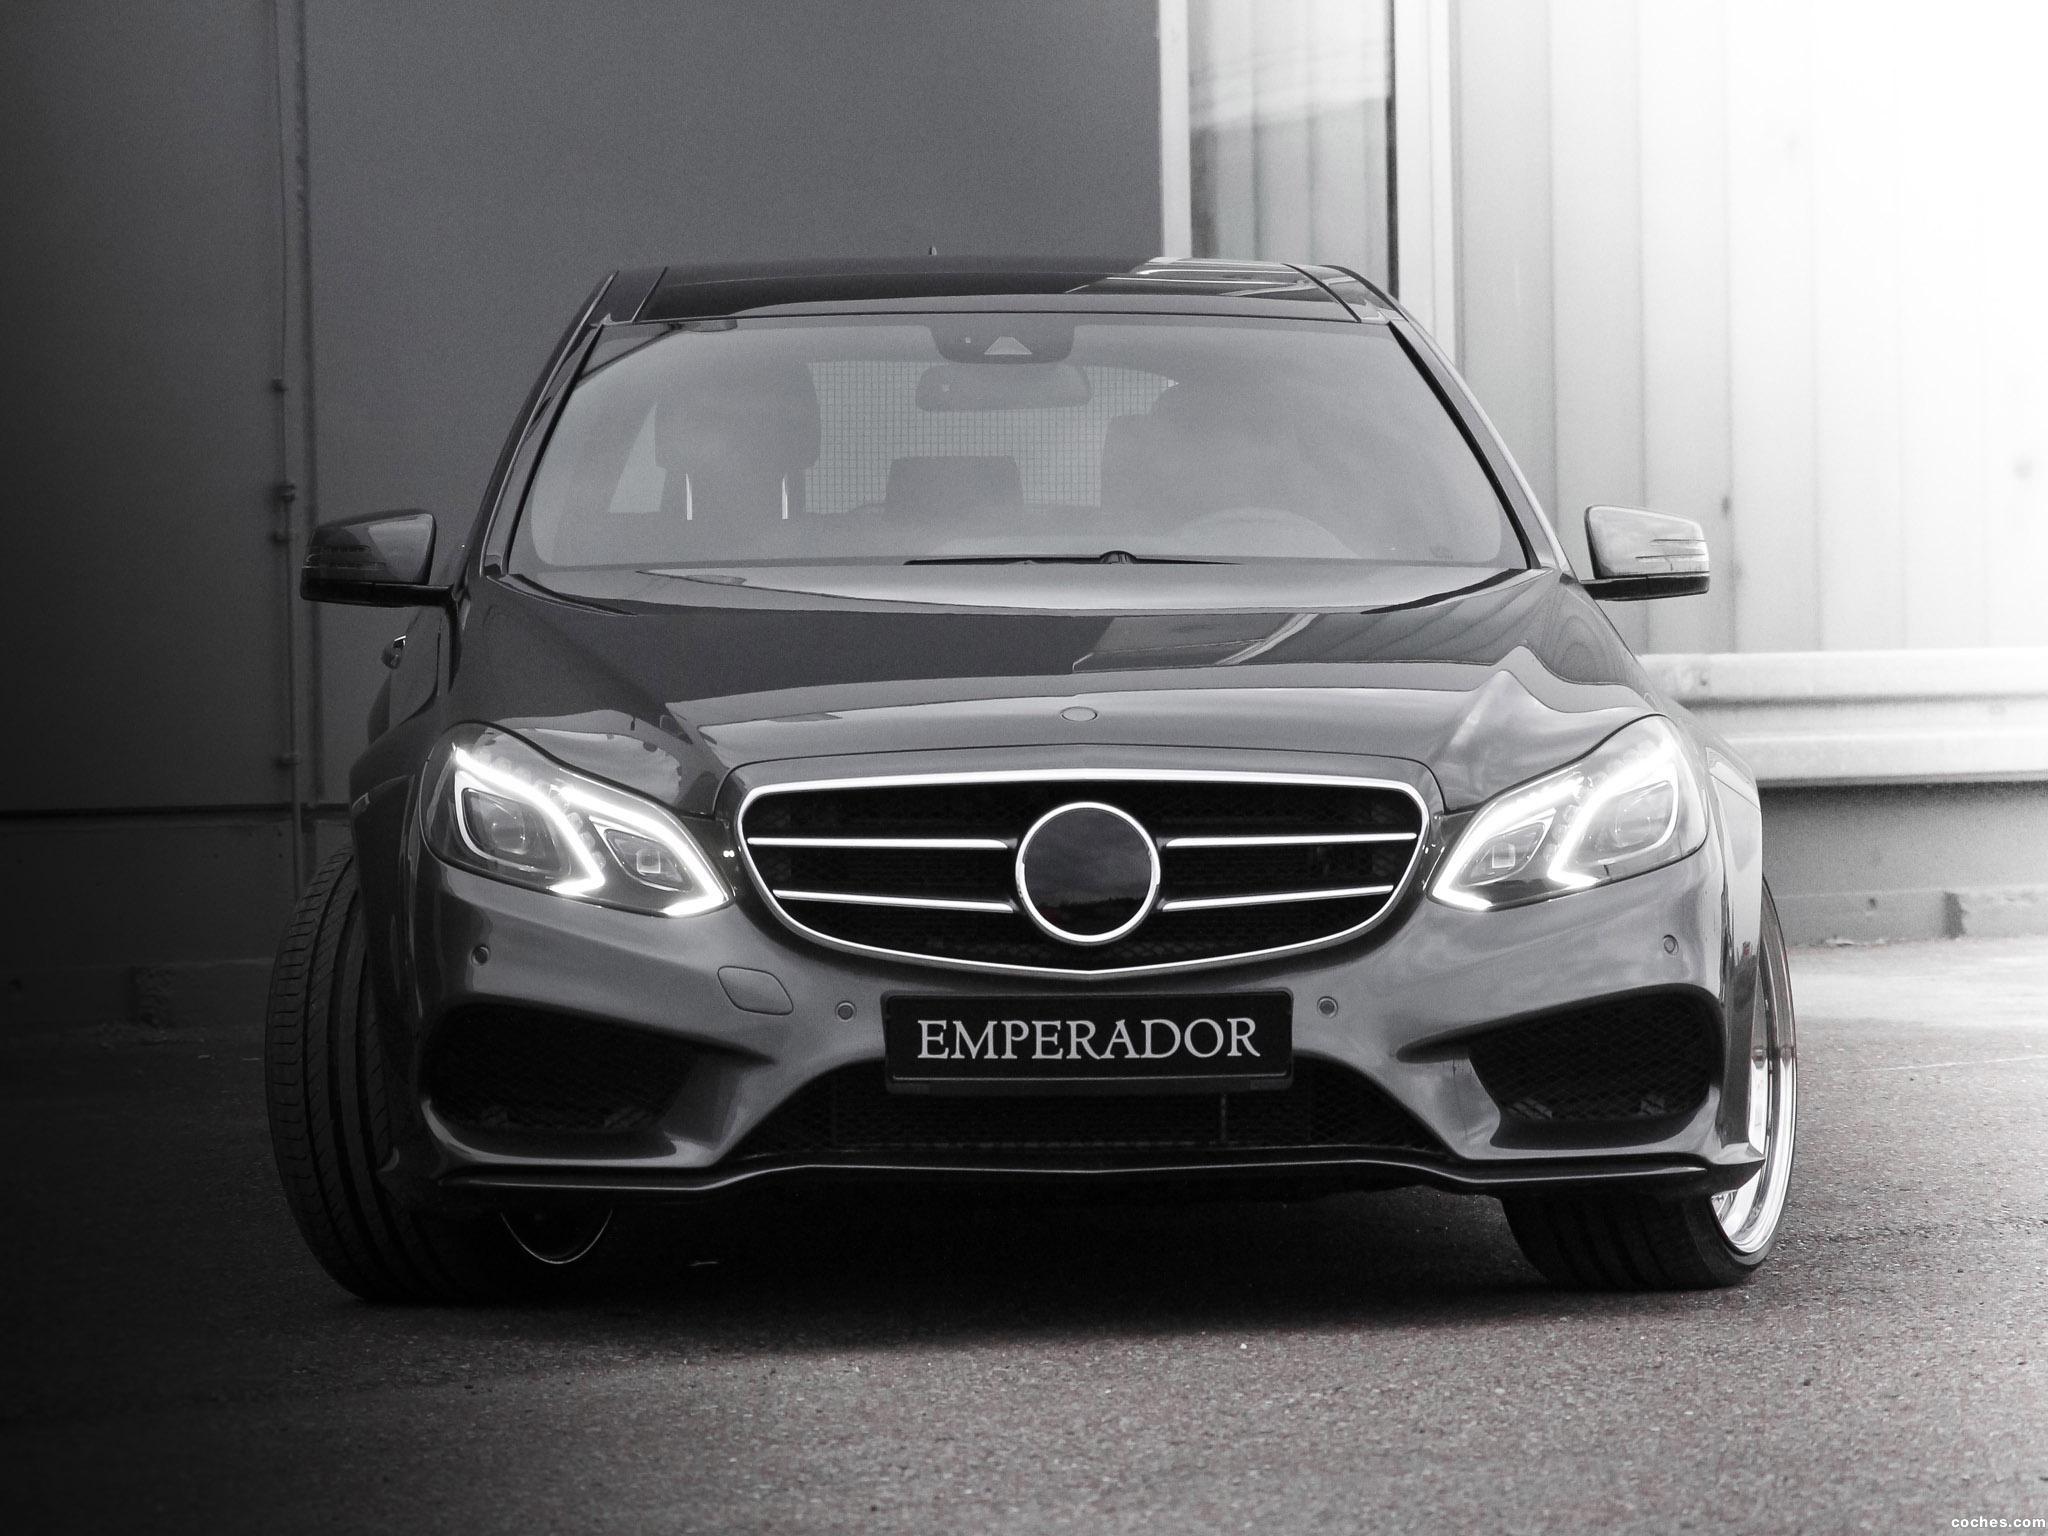 Foto 2 de Binz Mercedes Clase E Emperador S212 2013